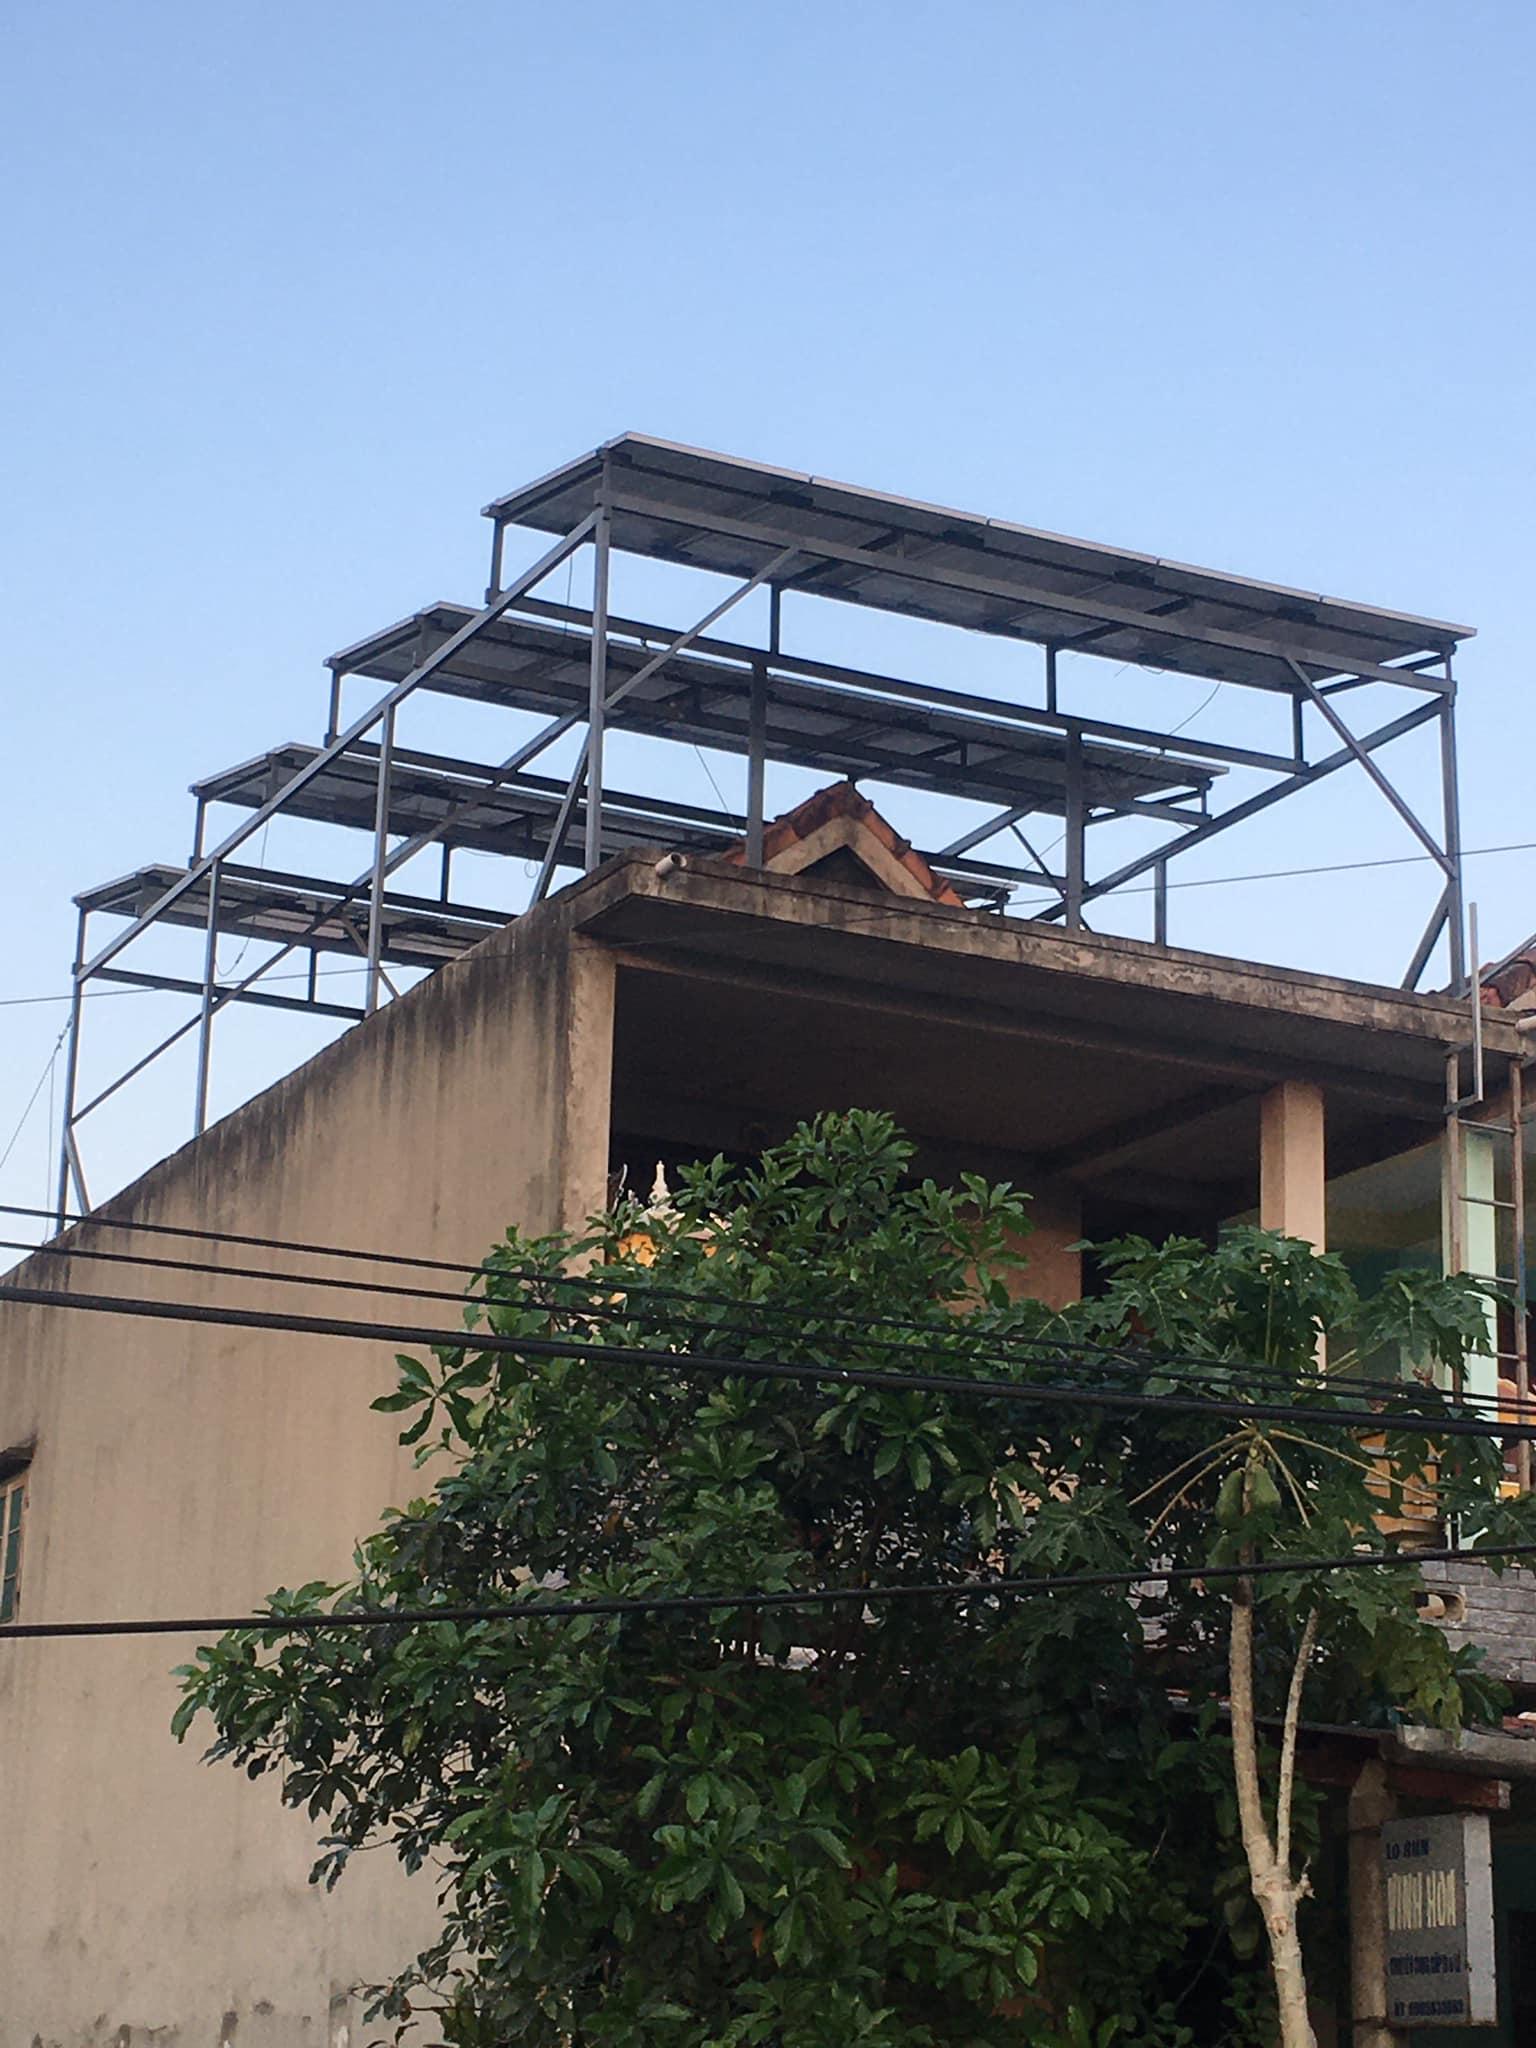 Lắp pin năng lượng mặt trời tại đà nẵng, đội khoảng lắp pin năng lượng mặt trời chuyên nghiệp